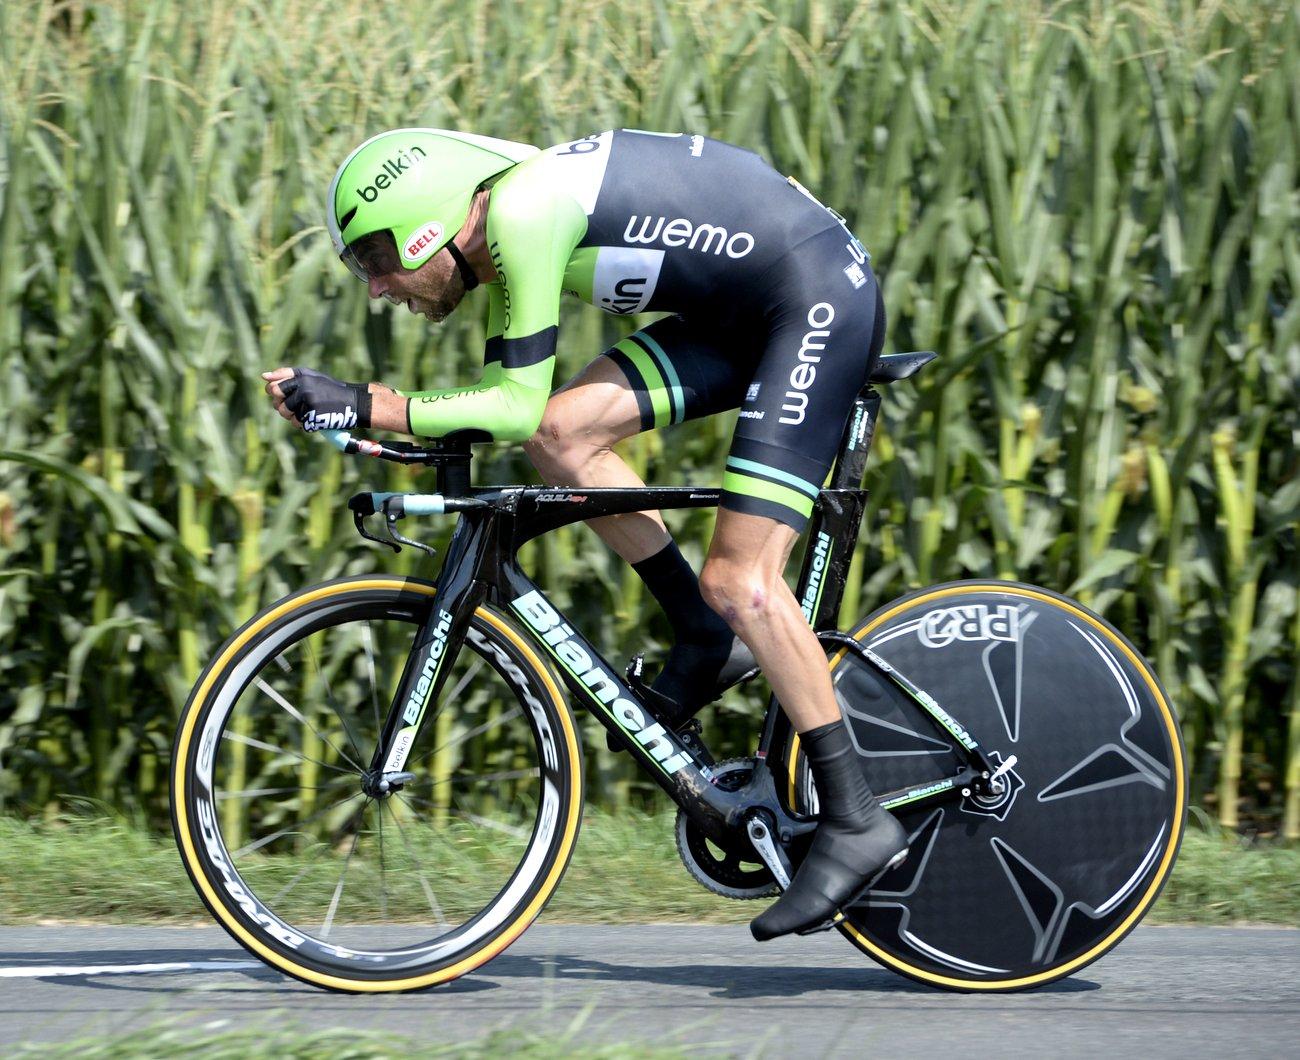 Laurens Ten Dam fuhr das Bianchi Aquila CV auf der Tour 2014 zum ersten Mal. (Bianchi)